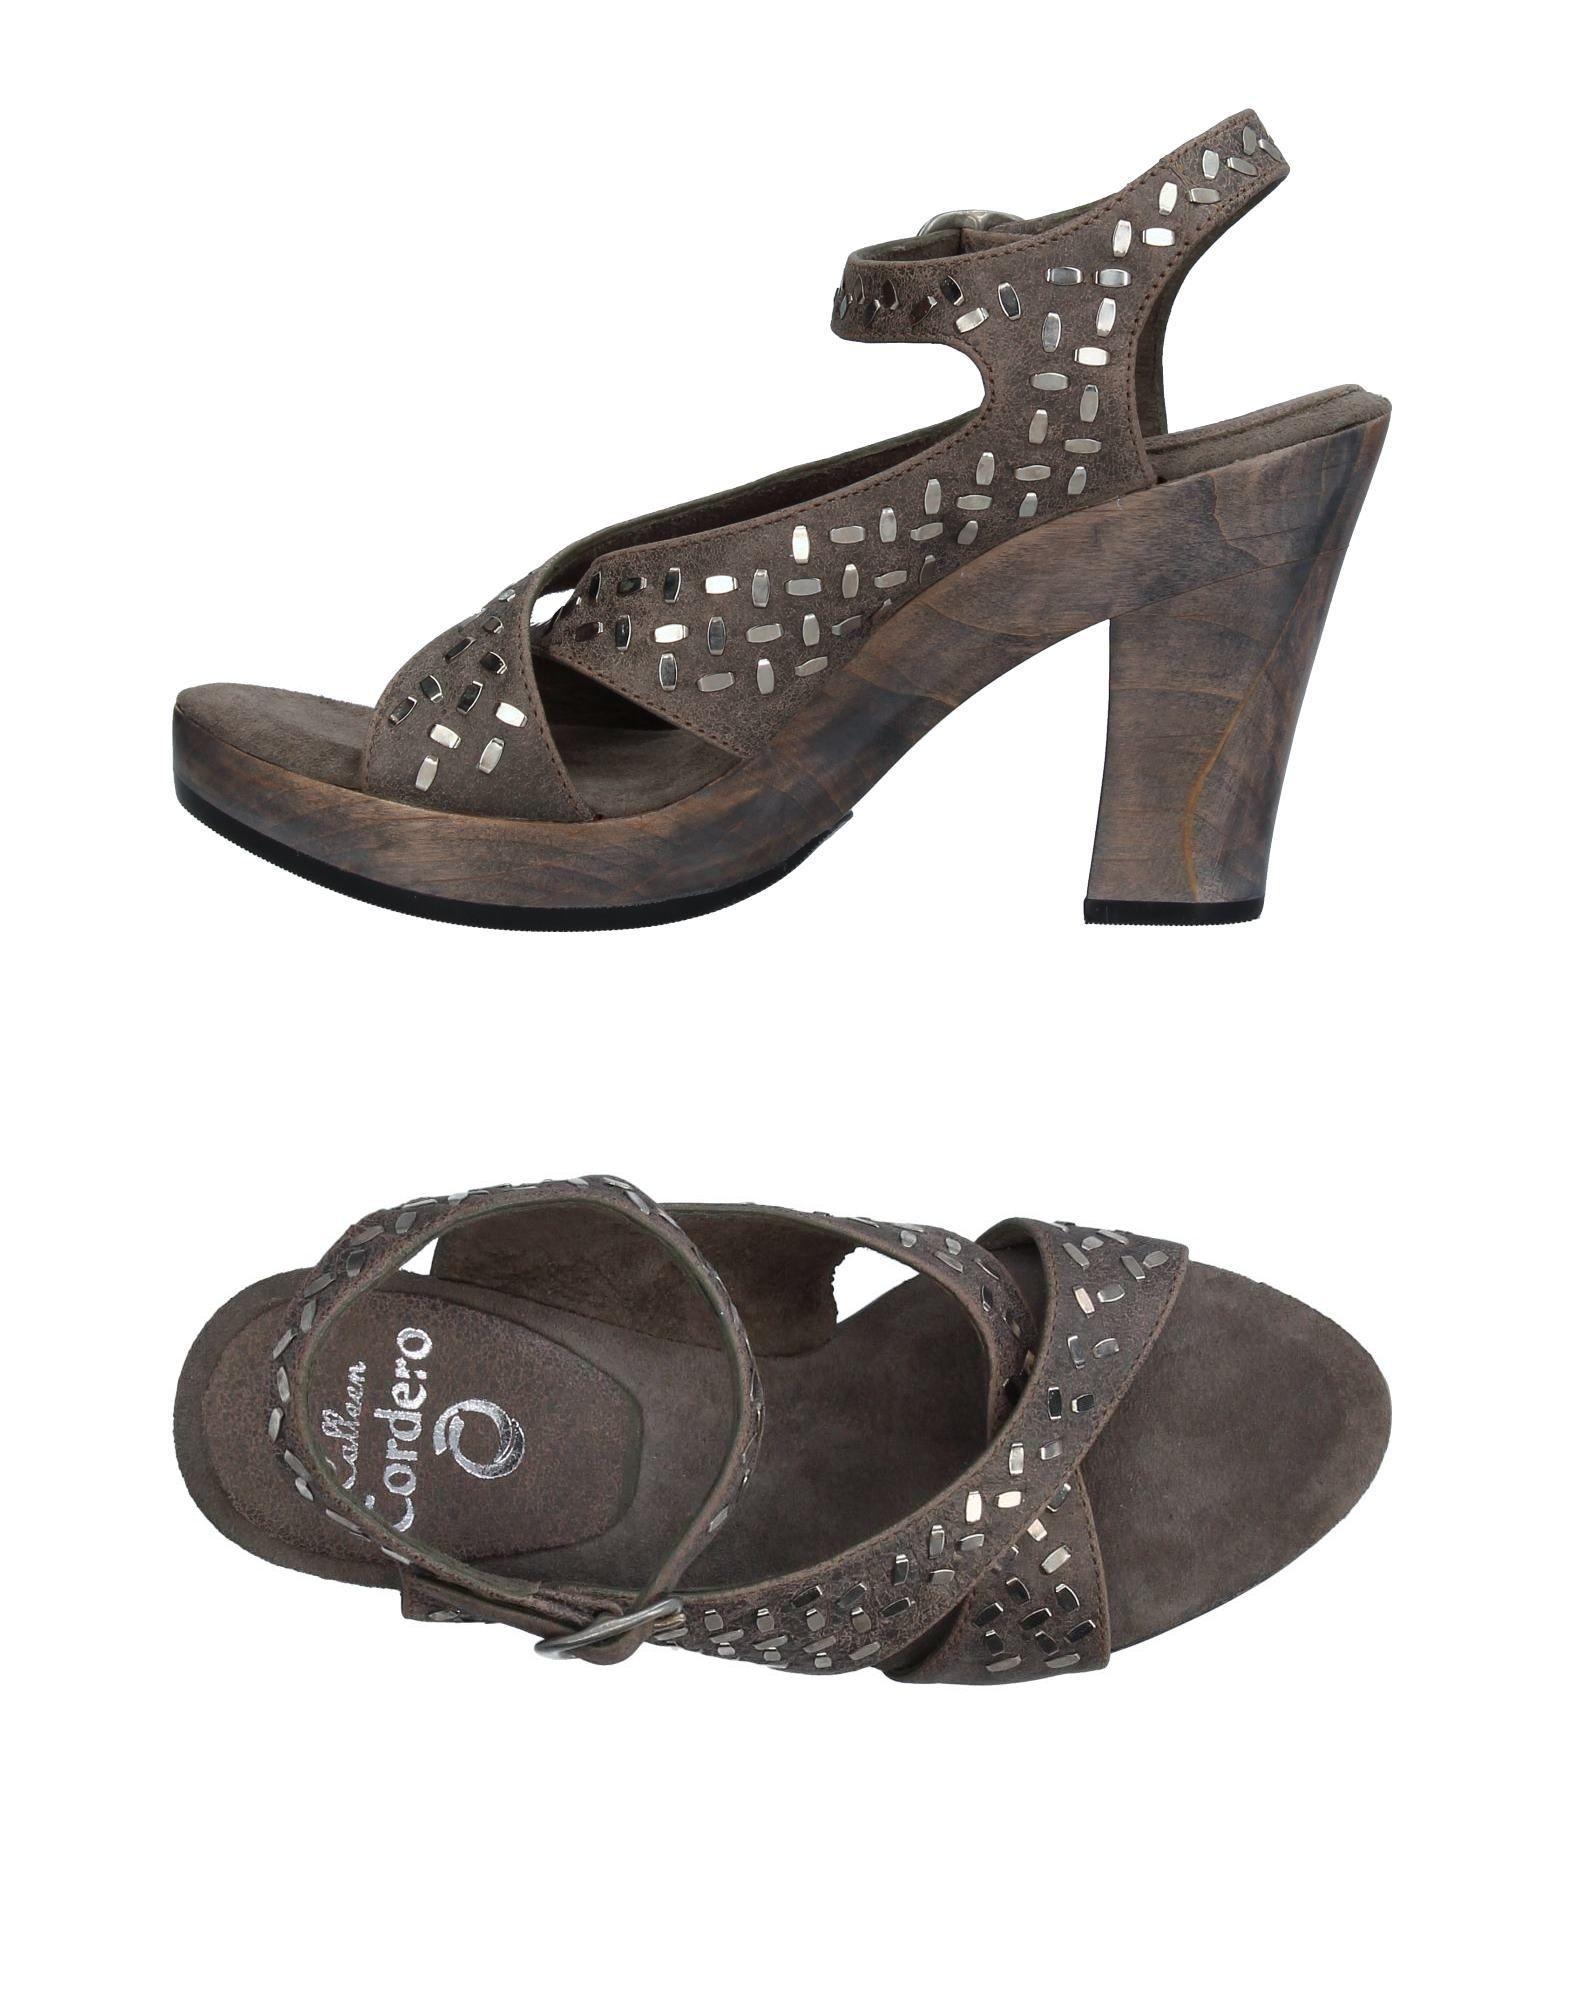 CALLEEN CORDERO Sandals in Grey